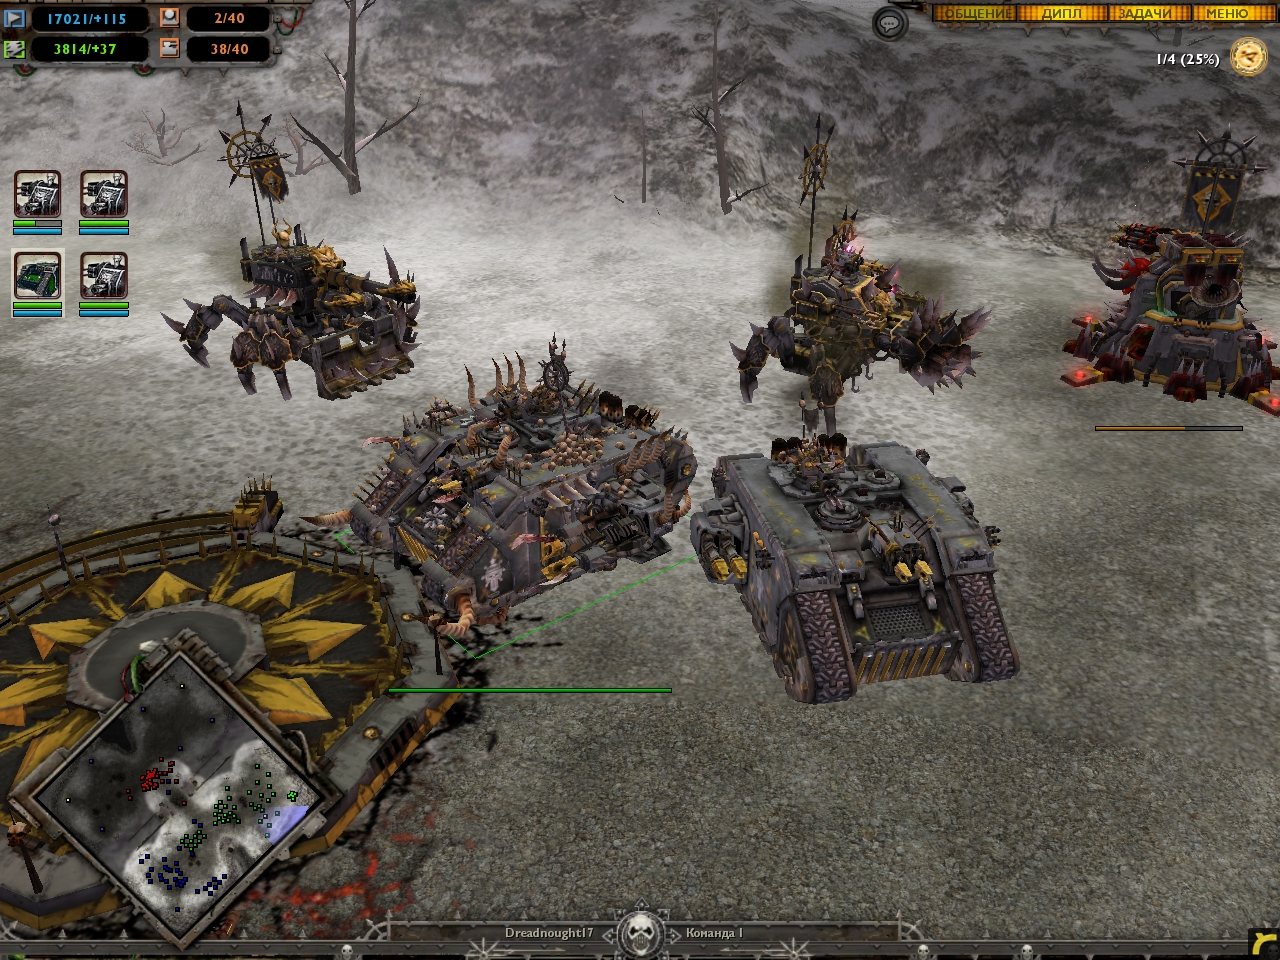 ПОМОГИТЗЫКОМ! : Warhammer 40,000: Dawn of War 54